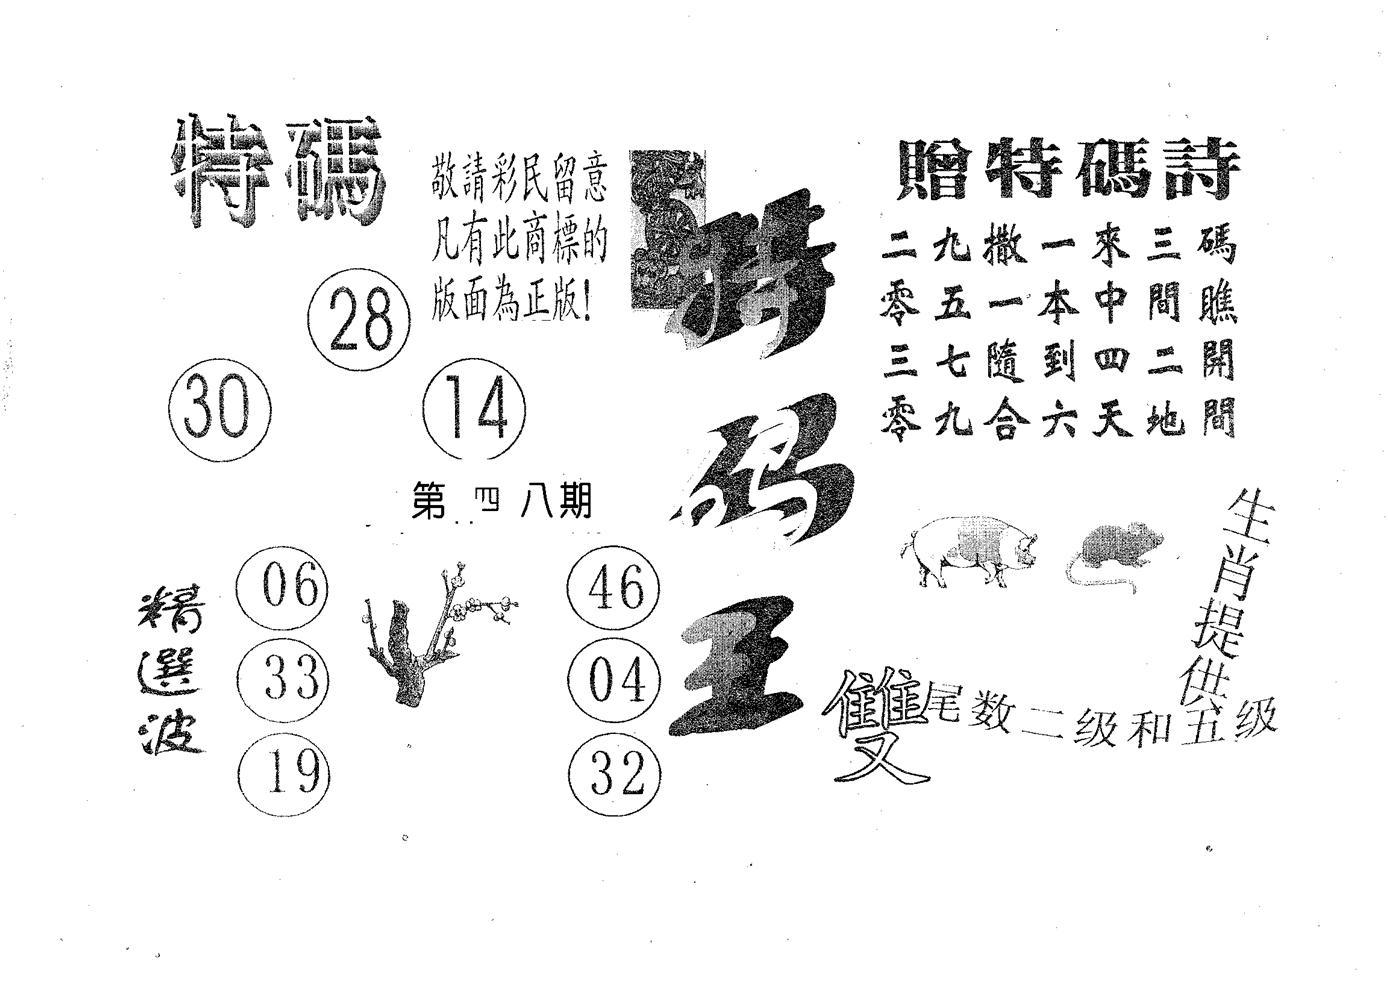 048期特码王A(黑白)